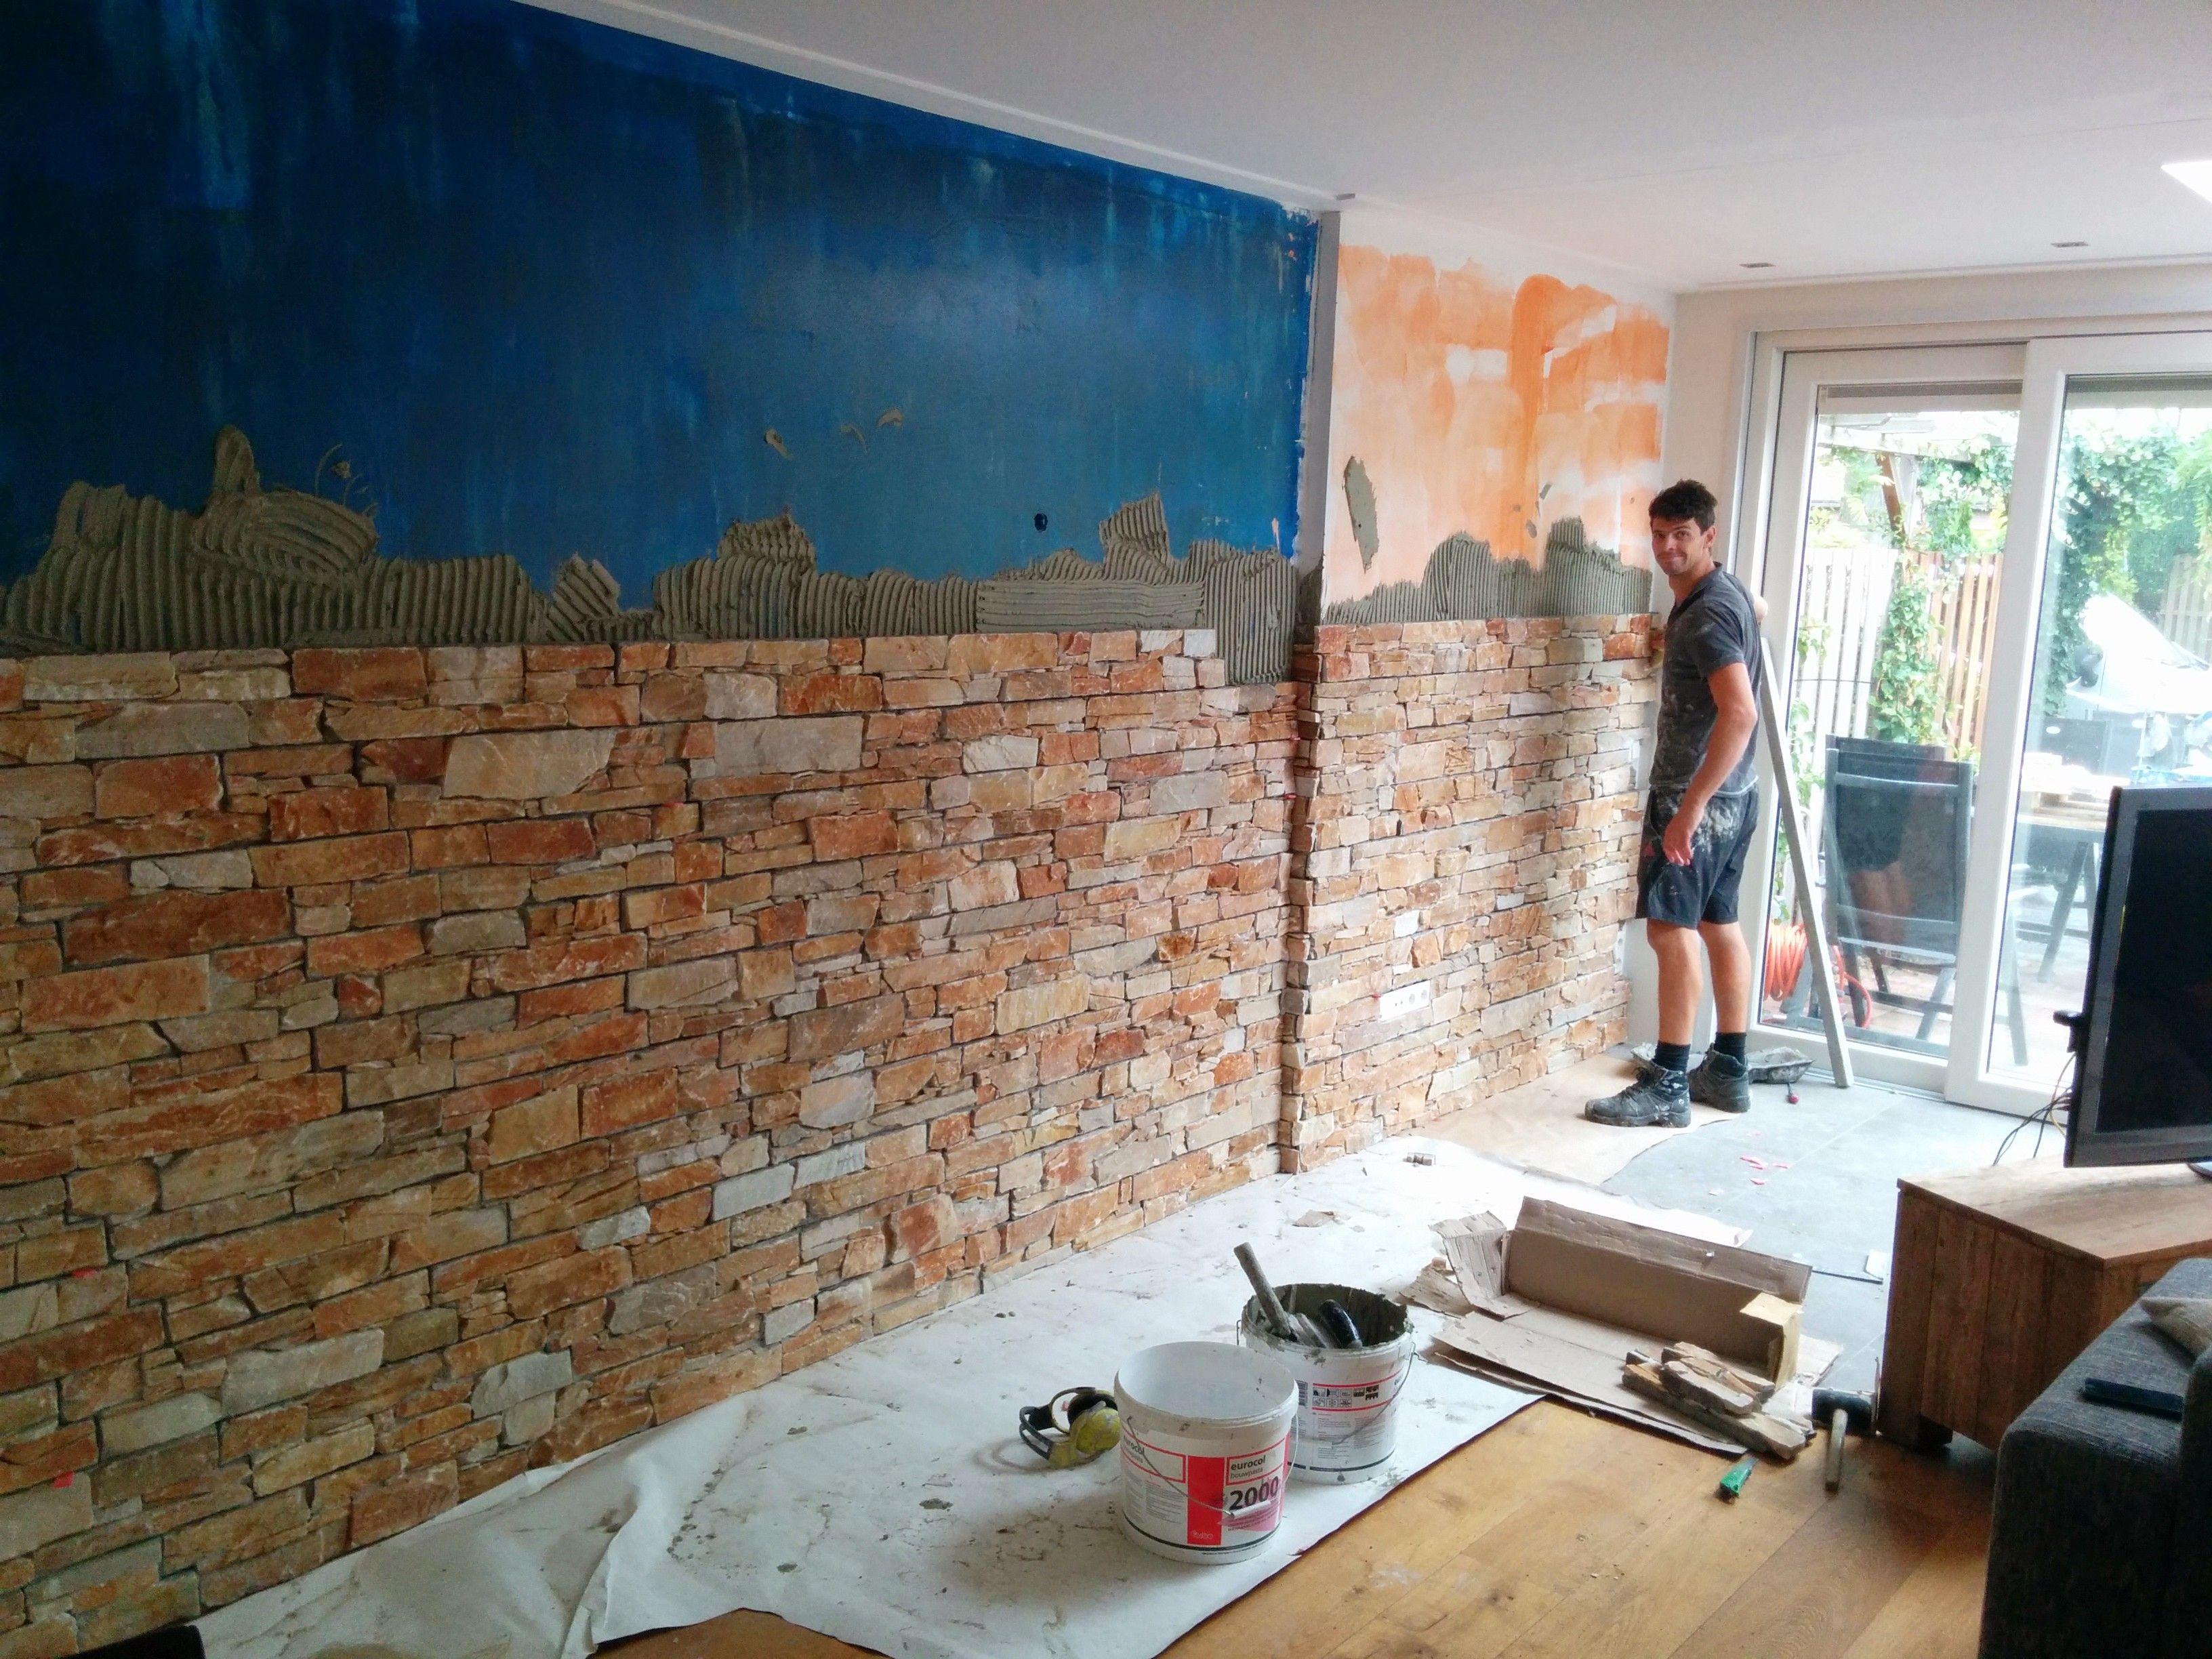 Keuken Beige Tegels : Wandtegels volendam zoals een muur buiten